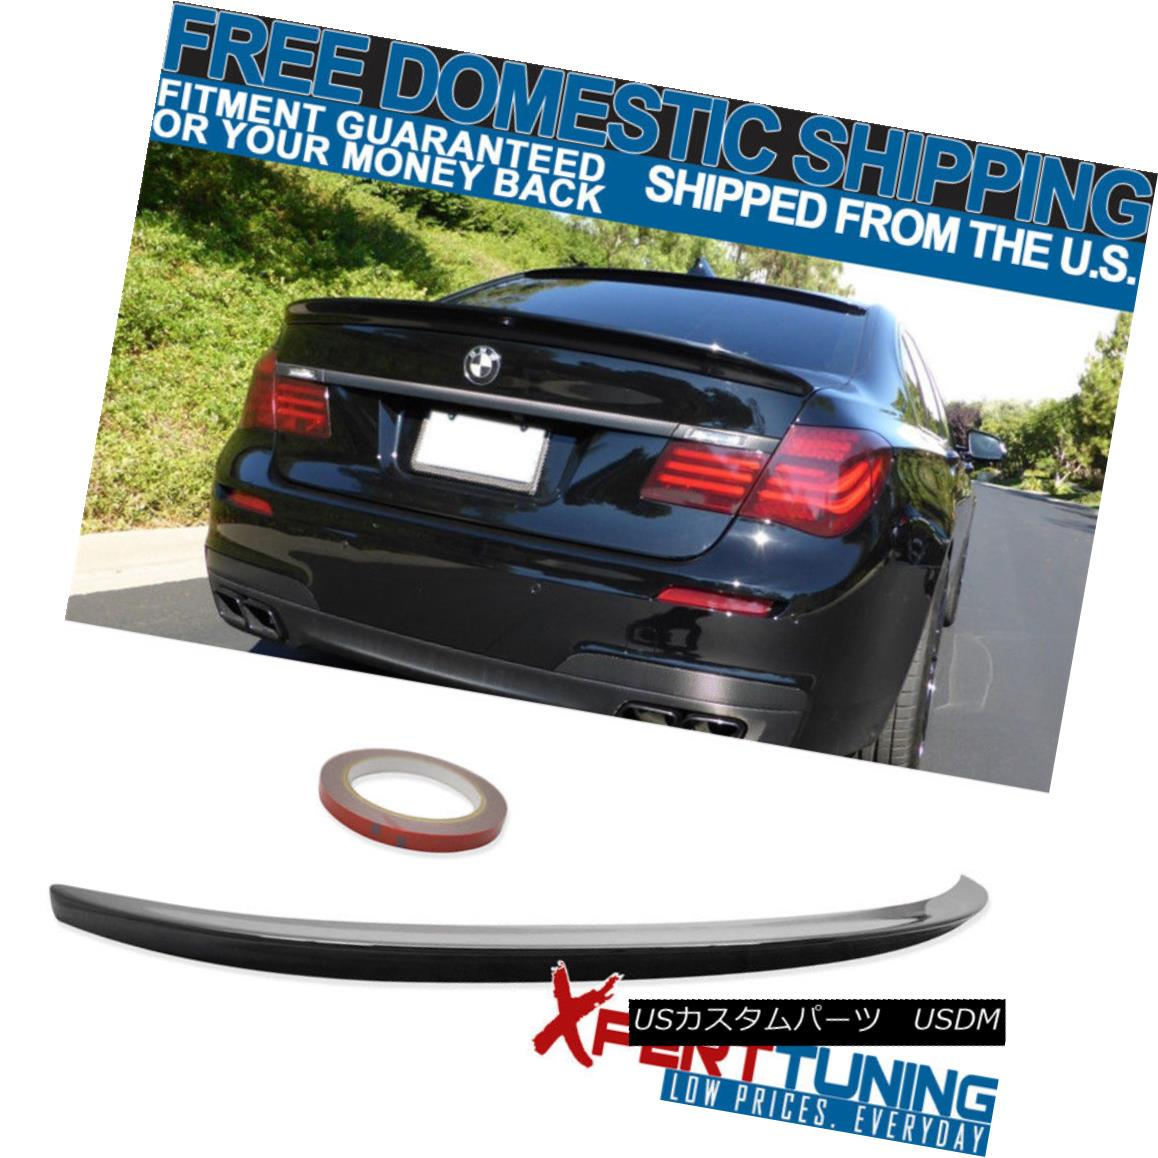 エアロパーツ FIT 09-15 BMW 7 Series F01 AC Trunk Spoiler Painted Black Sapphire Metallic #475 FIT 09-15 BMW 7シリーズF01 ACトランク・スポイラー・ブラック・サファイア・メタリック#475